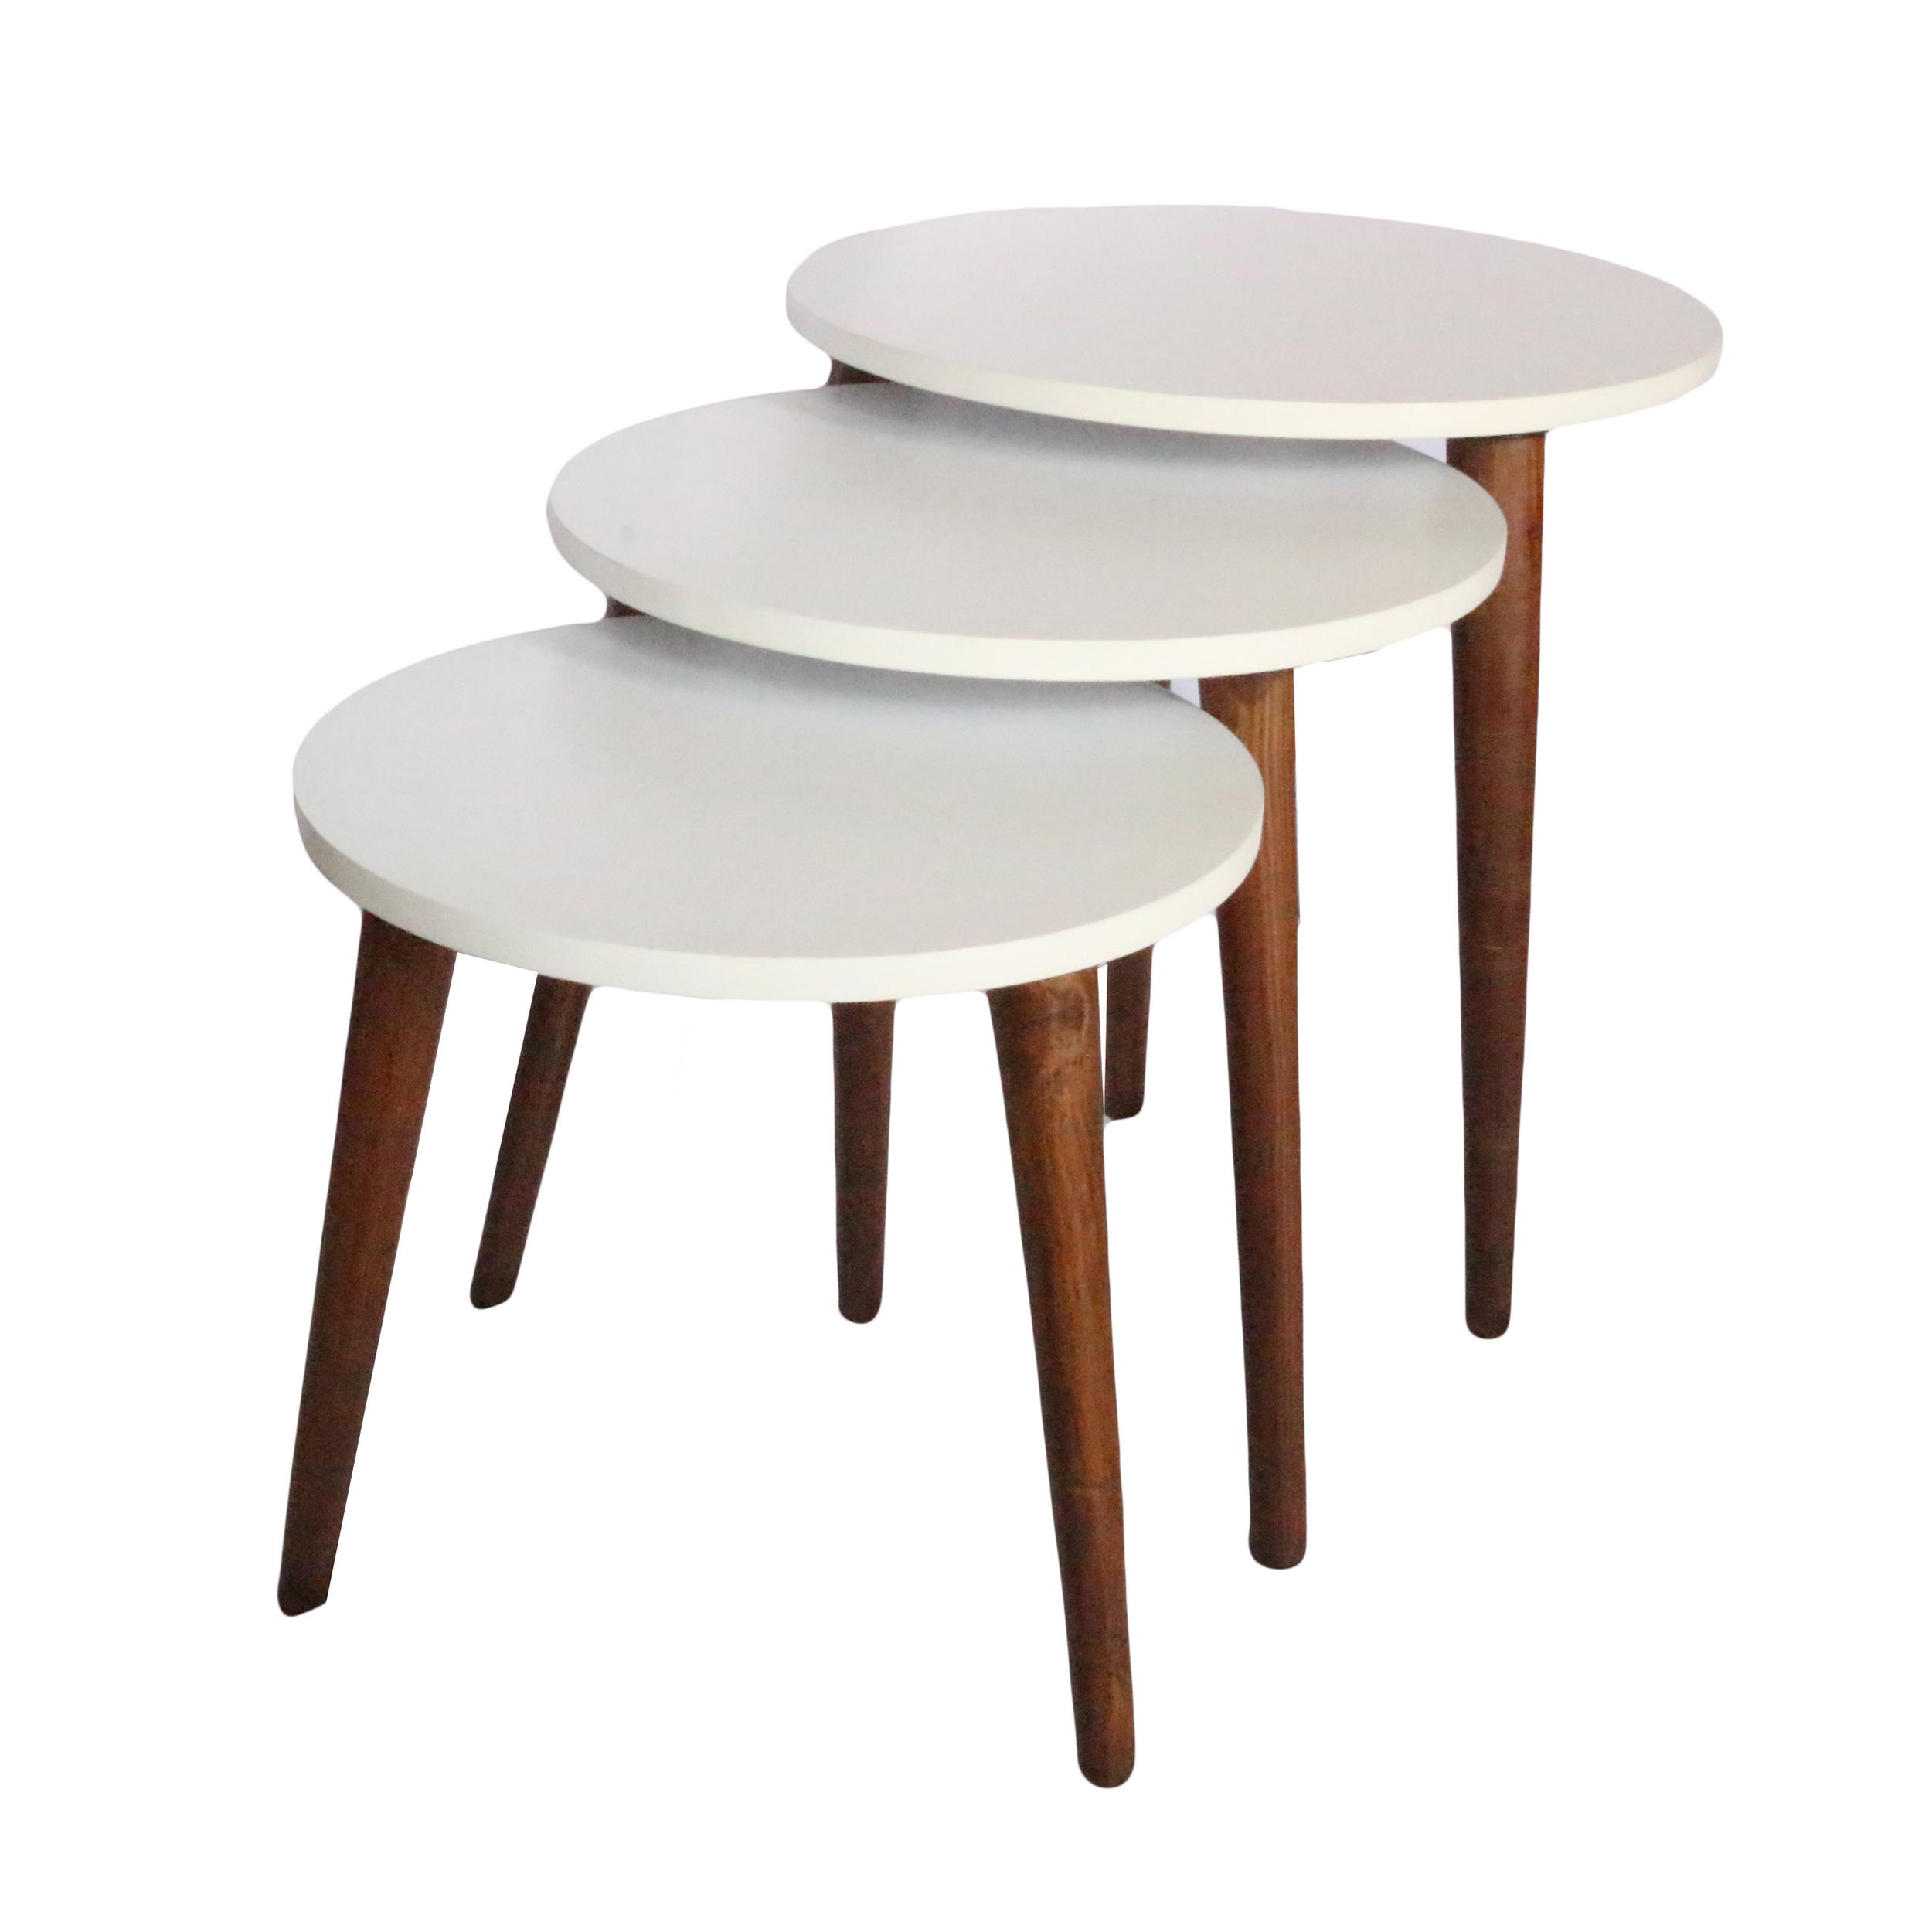 میز عسلی مدل ADCS01 مجموعه 3 عددی